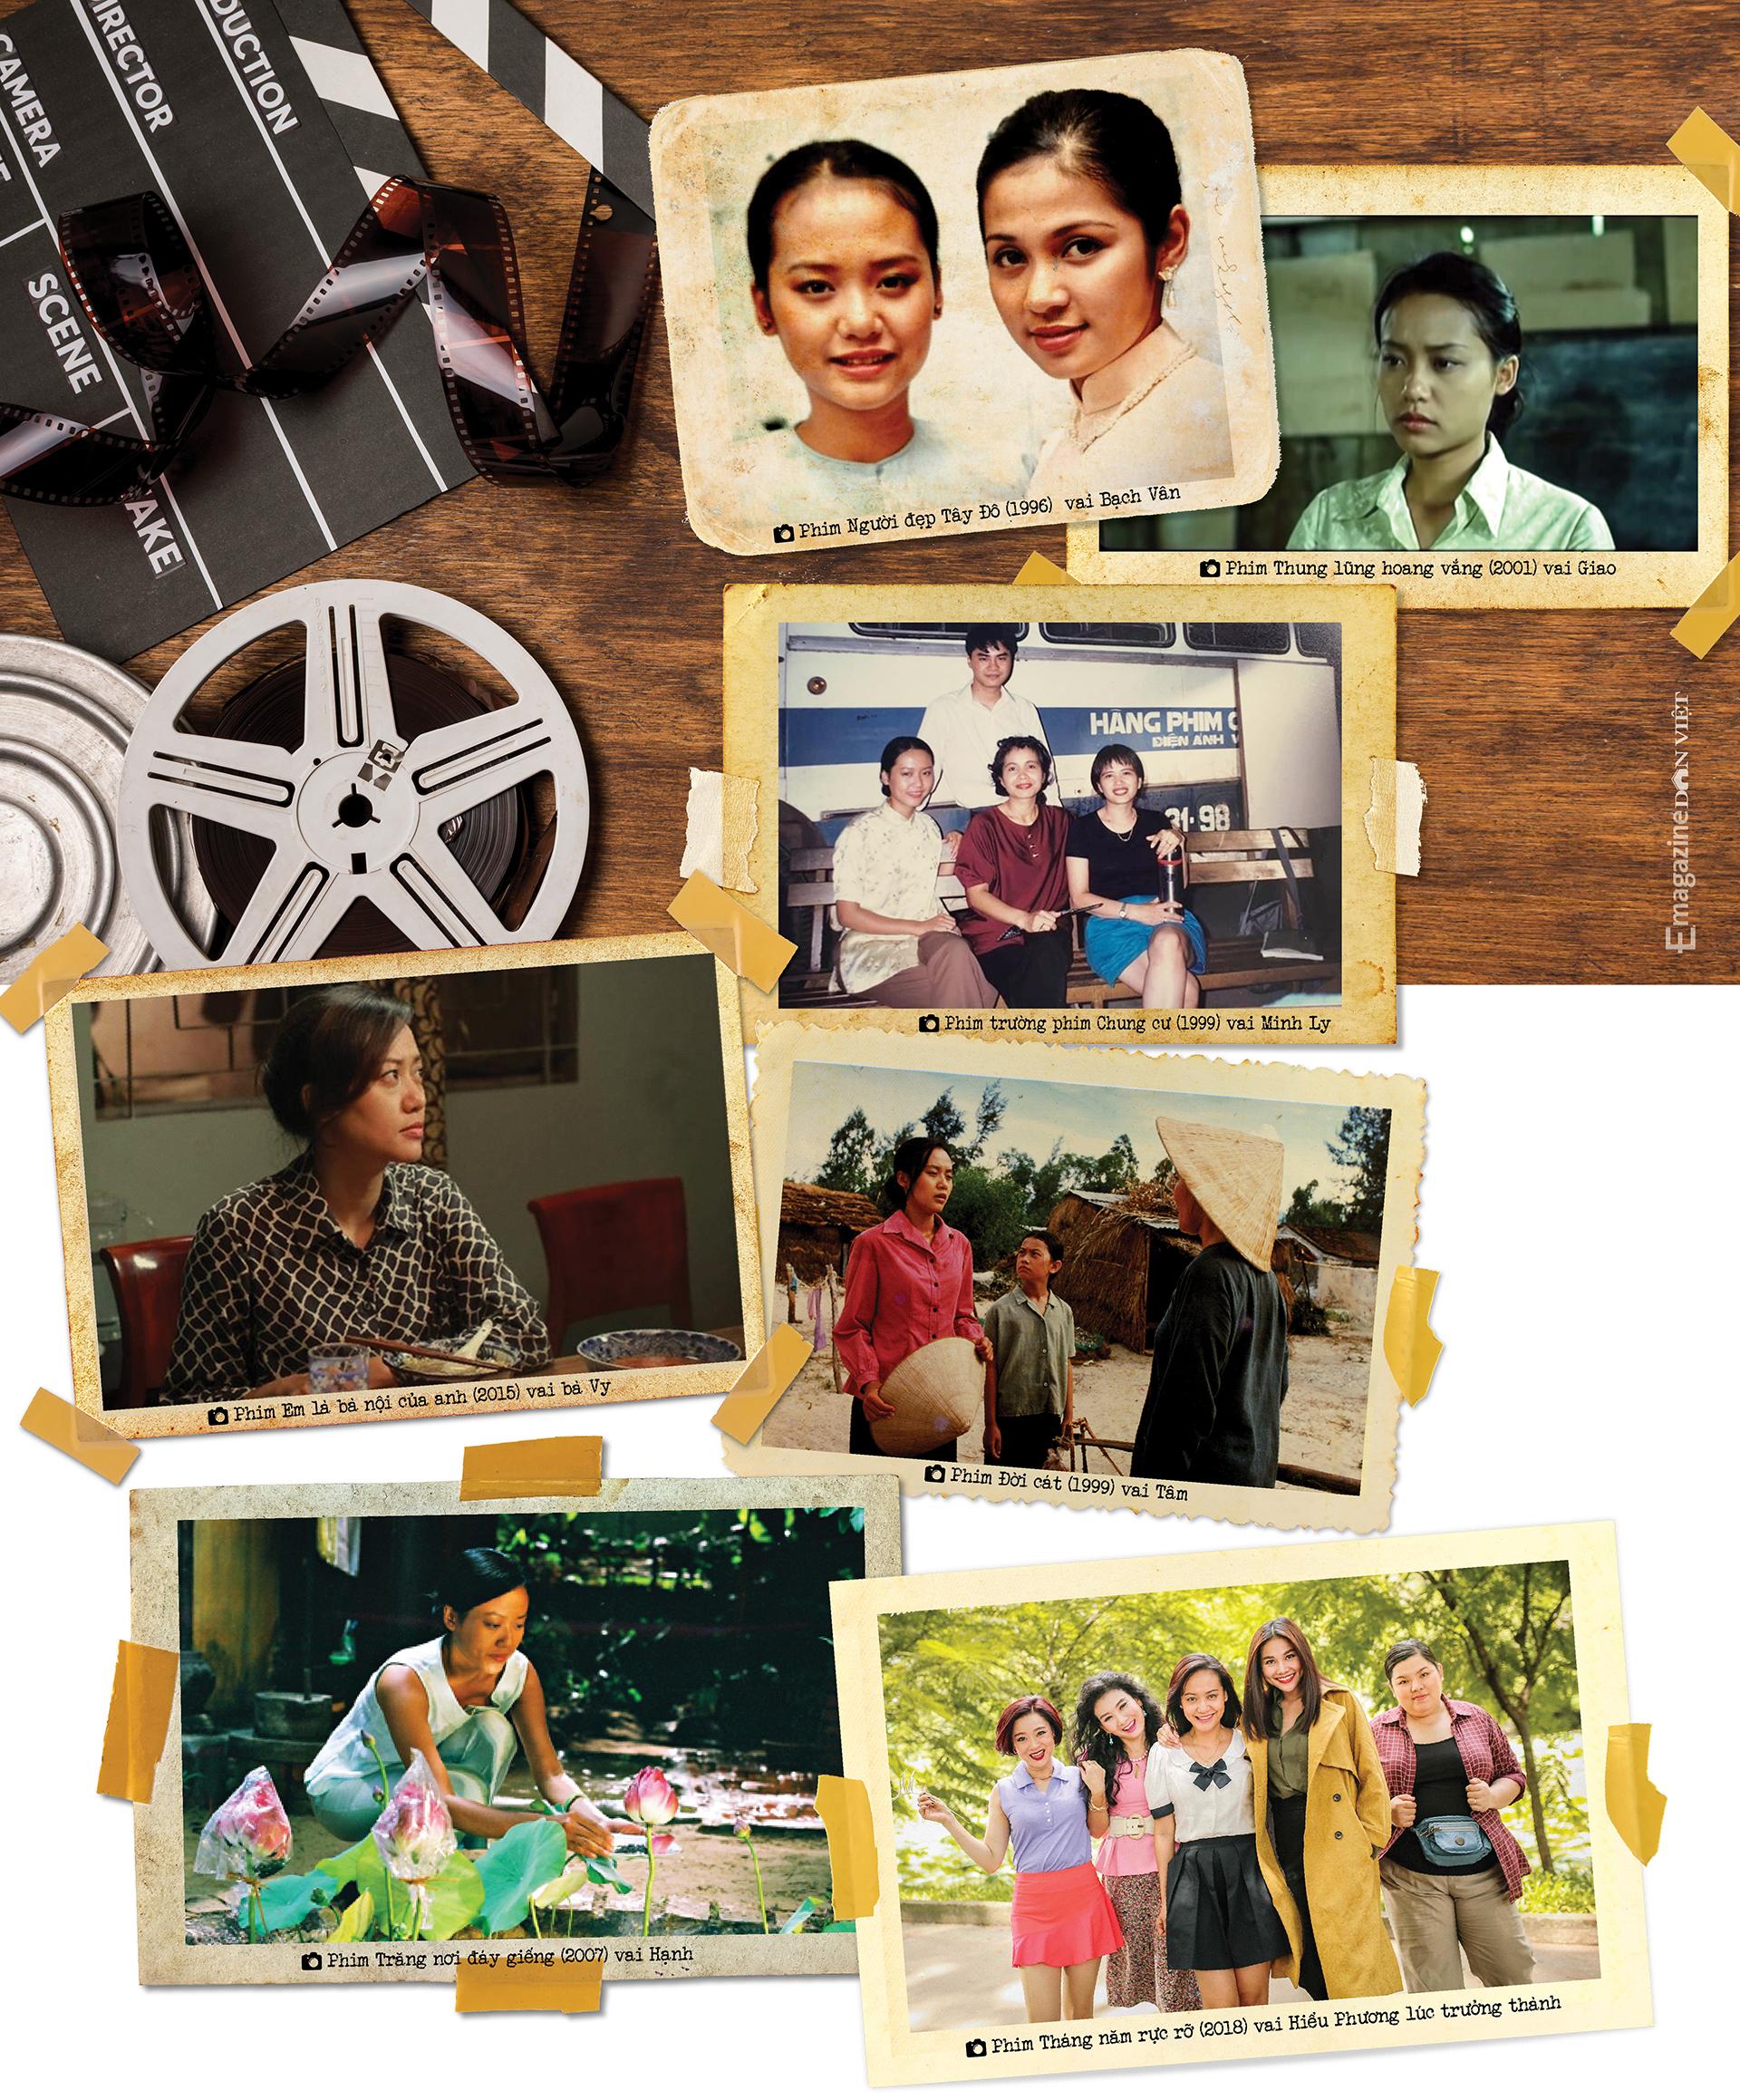 Diễn viên – đạo diễn Hồng Ánh: Tôi có cuộc sống khác biệt với số đông nhưng hạnh phúc theo cách riêng - Ảnh 8.